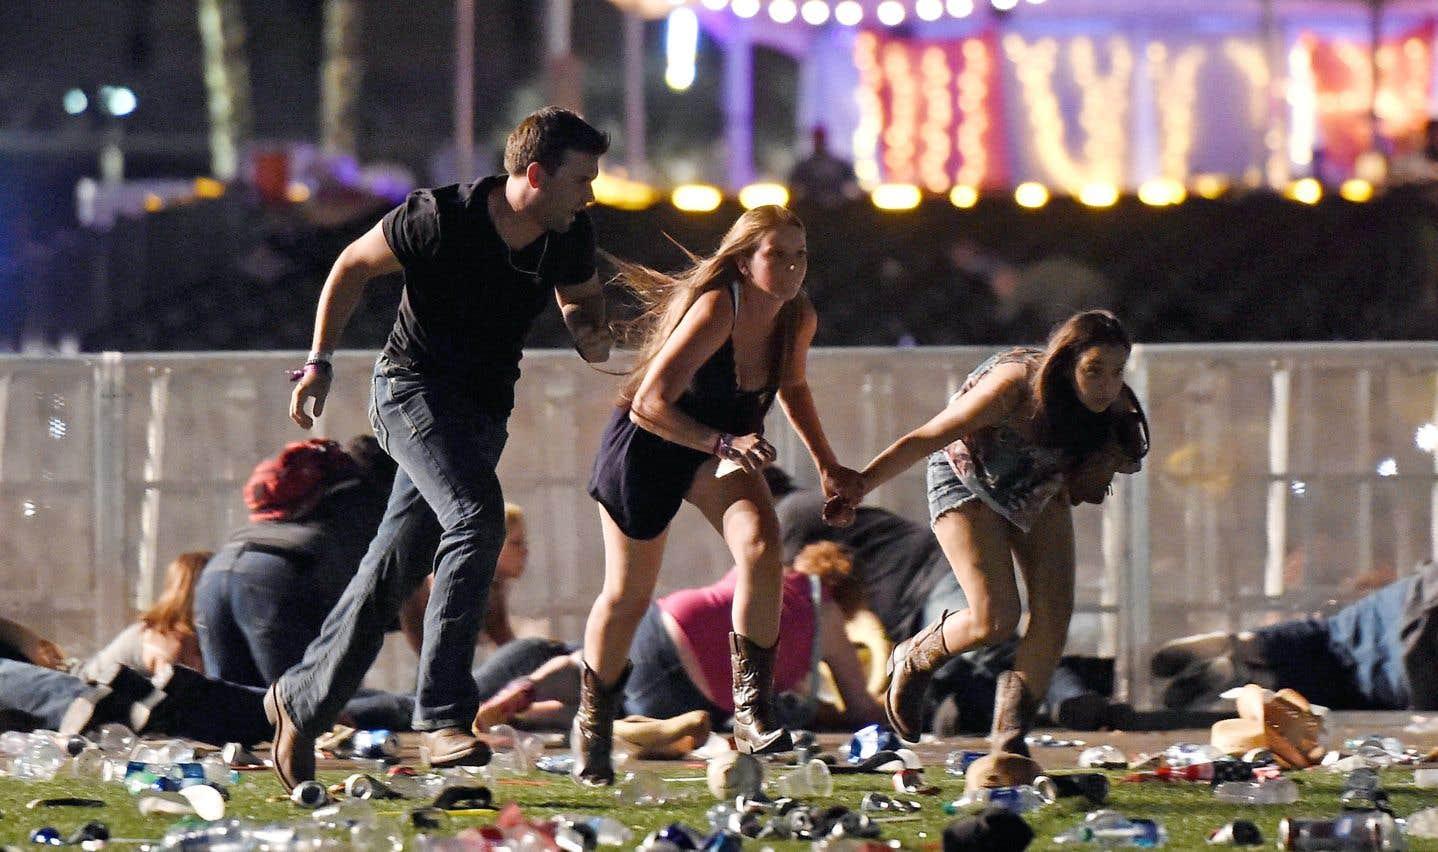 Las Vegas subit une fusillade meutrière